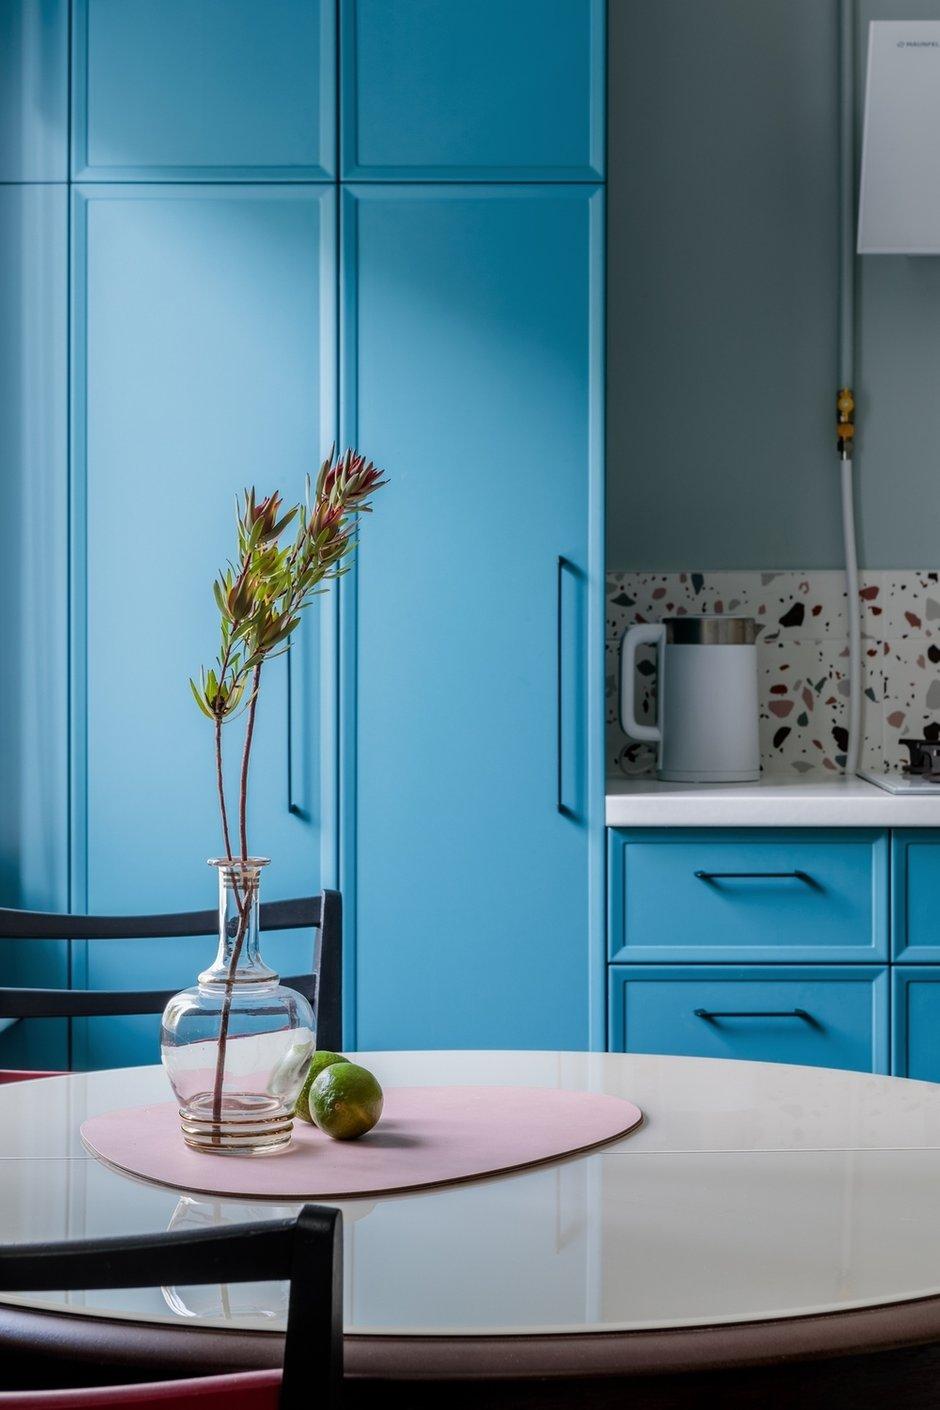 Фотография: Кухня и столовая в стиле Эклектика, Квартира, Проект недели, Москва, 3 комнаты, 60-90 метров, Валерия Шиманская – фото на INMYROOM